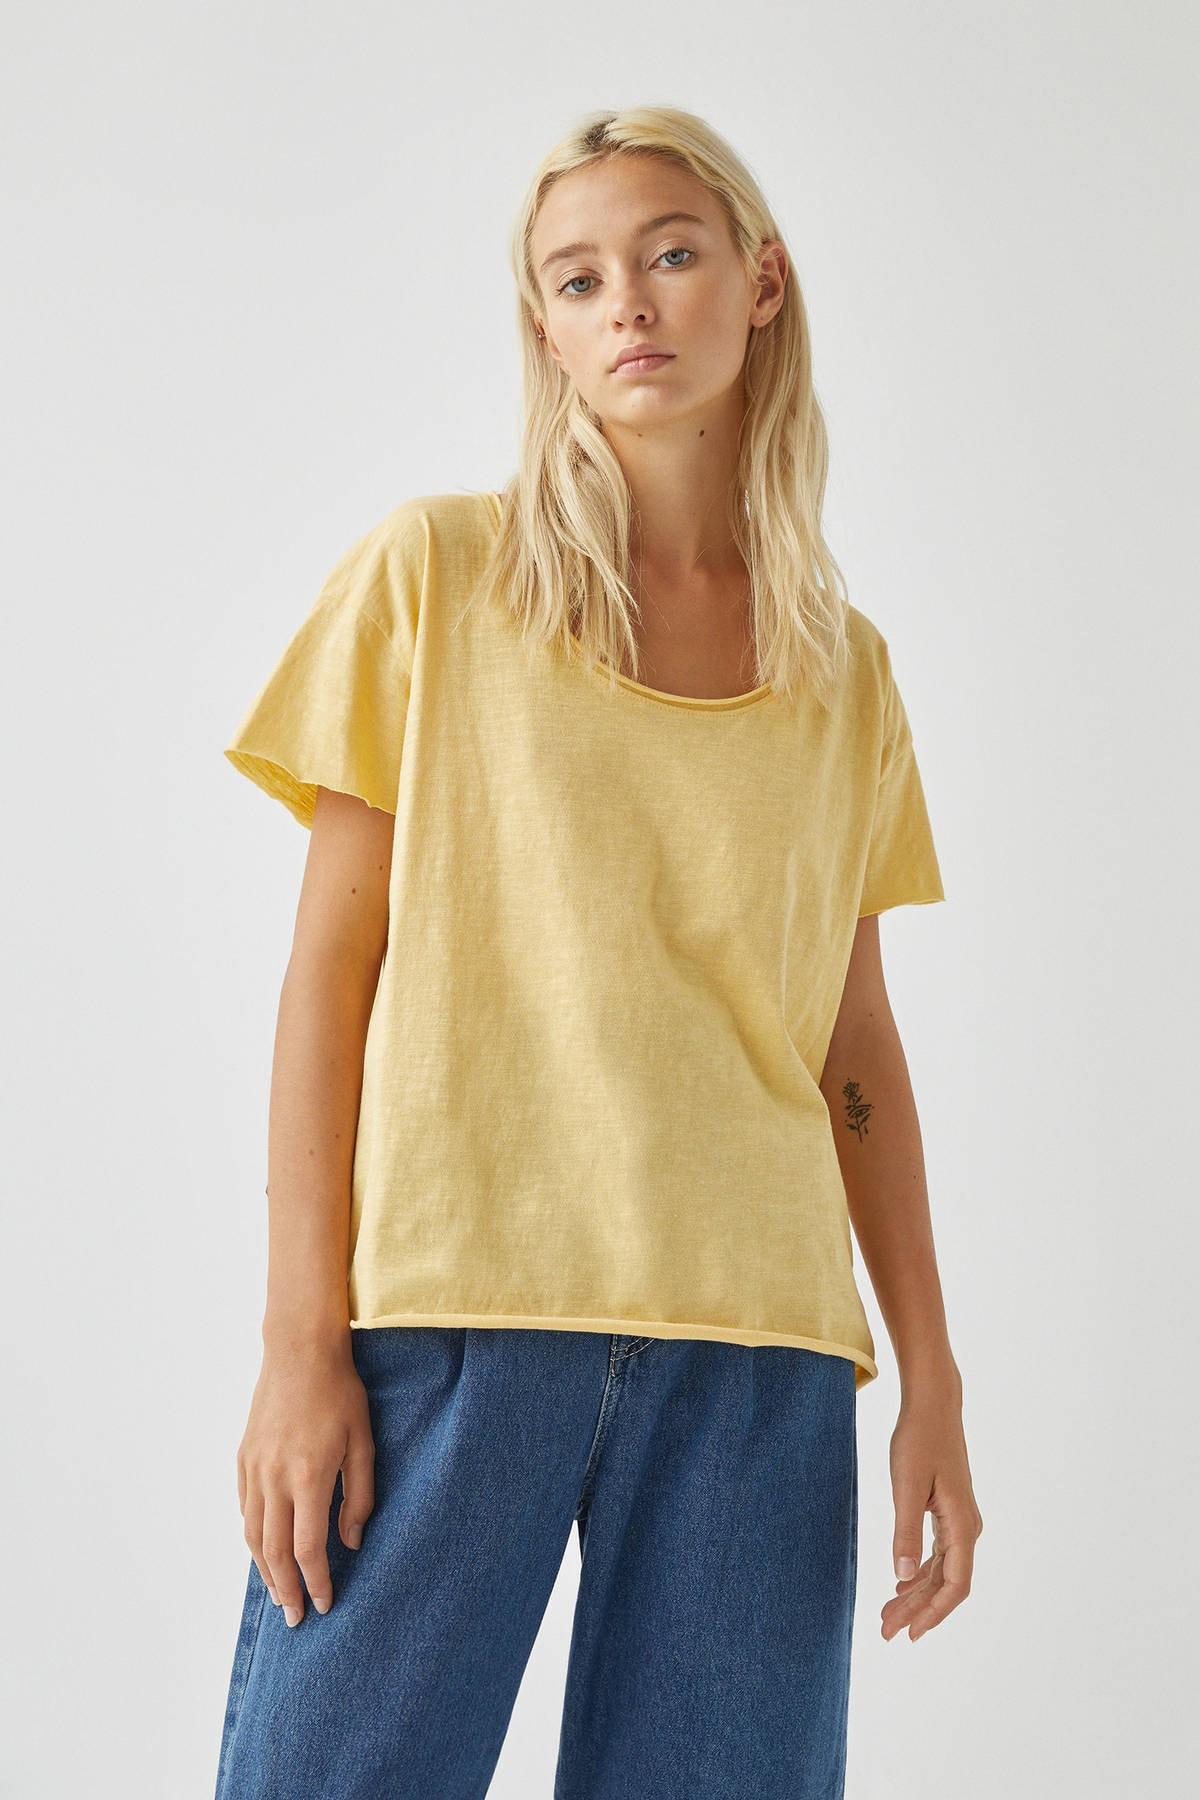 Pull & Bear Kadın Açık Sarı Biyeli Dikişli Basic T-Shirt 05236307 0